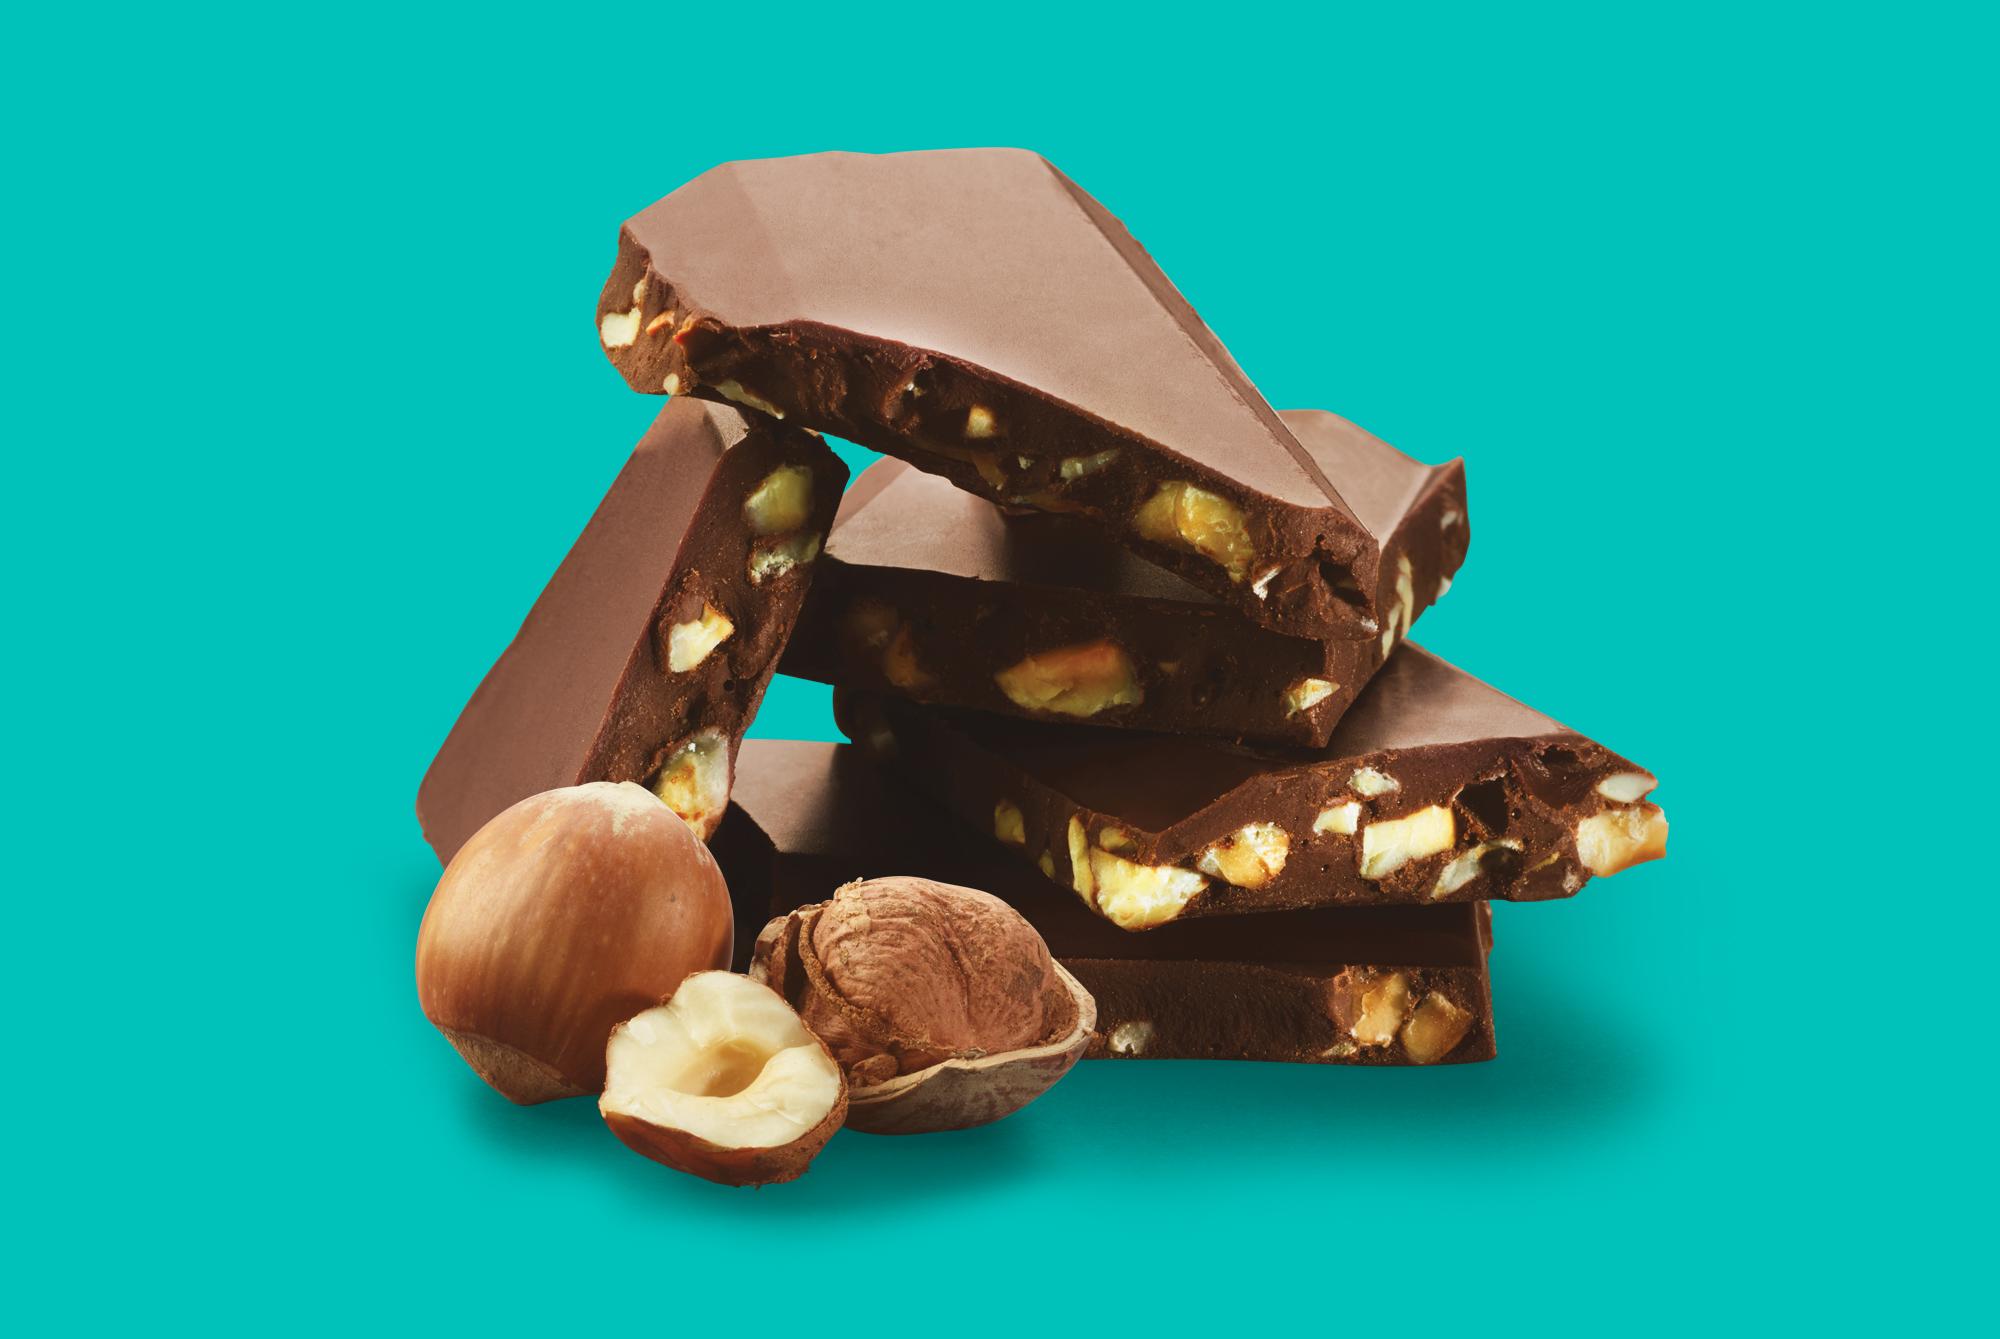 Nidar vill sjokolade hasselnøtt pieces